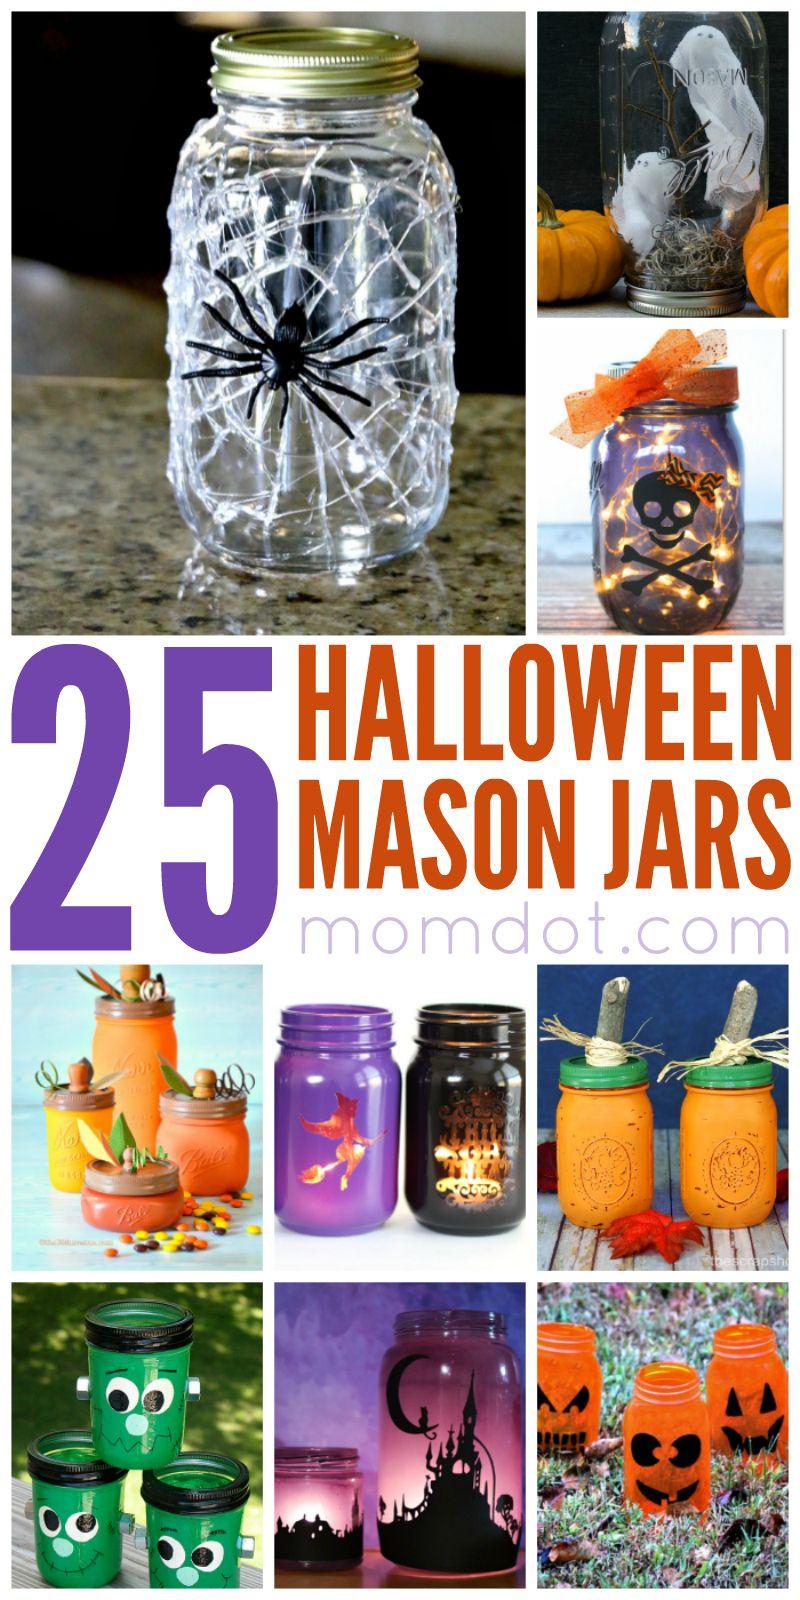 25 Halloween Mason Jar Ideas